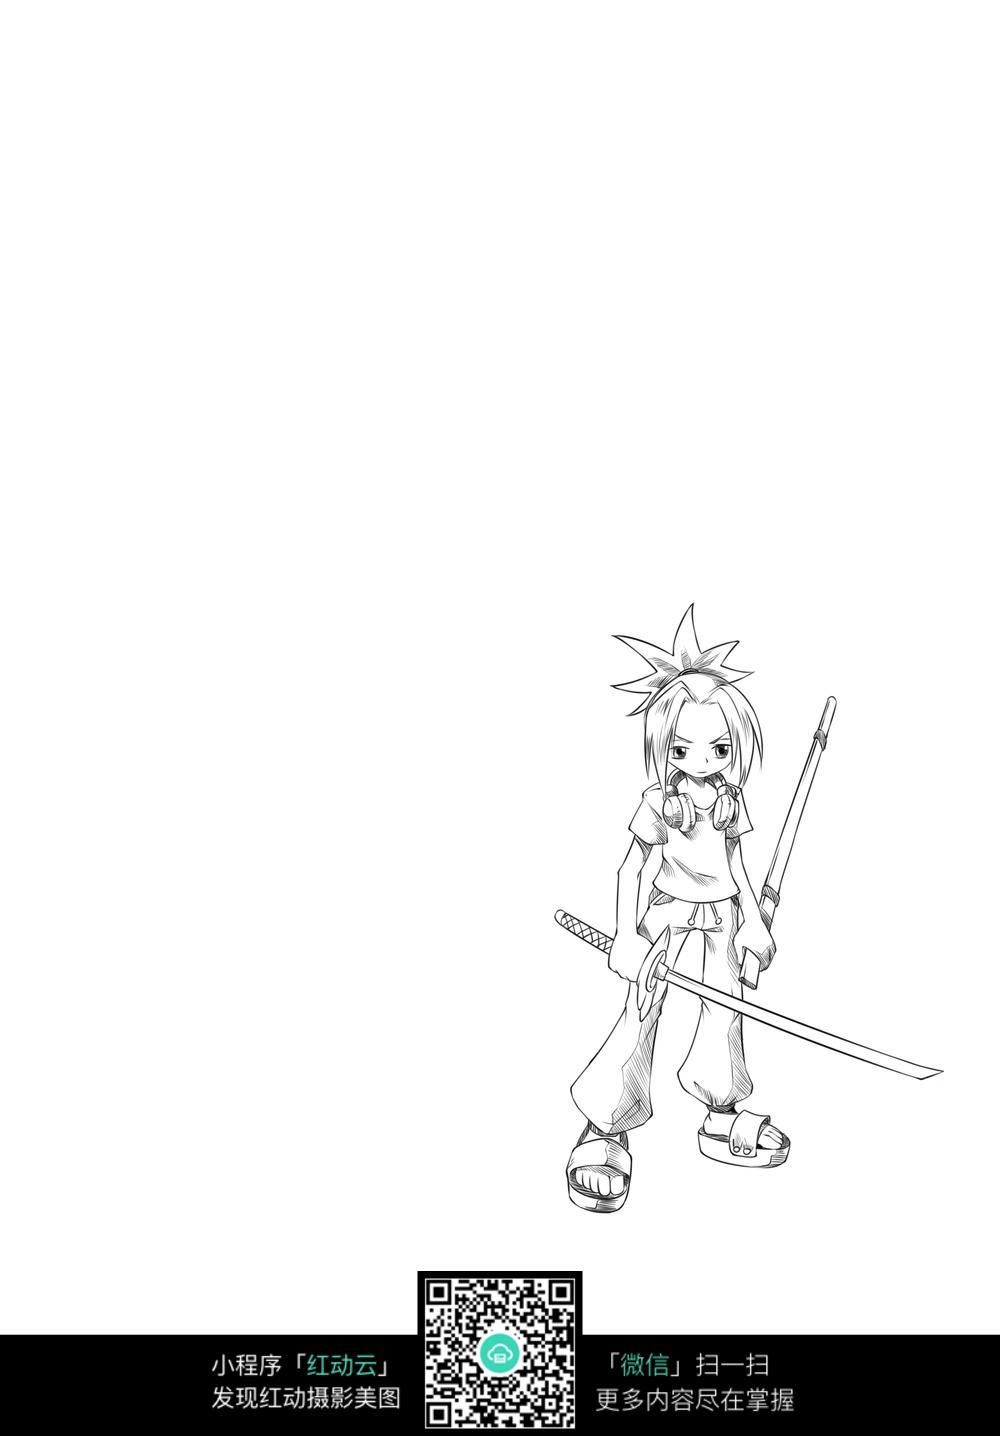 免费素材 图片素材 漫画插画 人物卡通 武器和男孩卡通手绘线稿